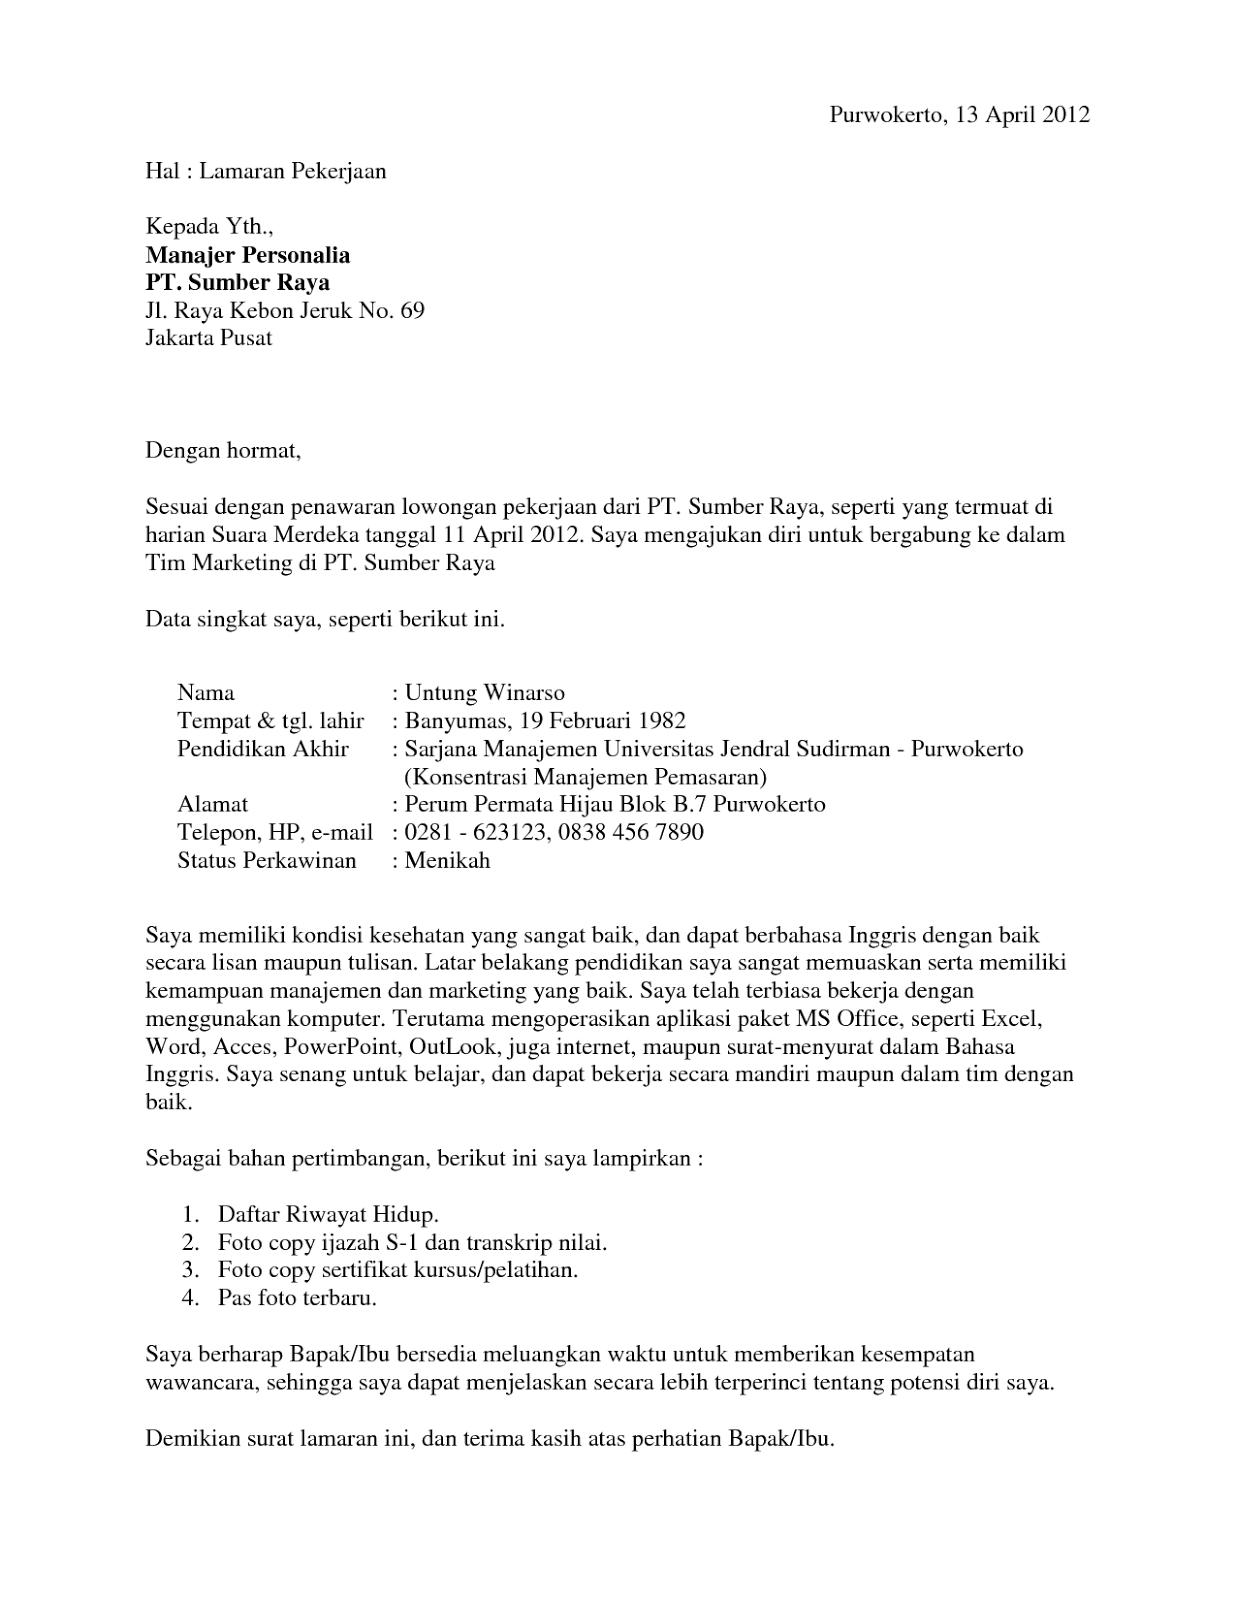 Surat Lamaran Kerja Fresh Graduate : surat, lamaran, kerja, fresh, graduate, Rekha, Frissila, (rekha_frissila), Profile, Pinterest